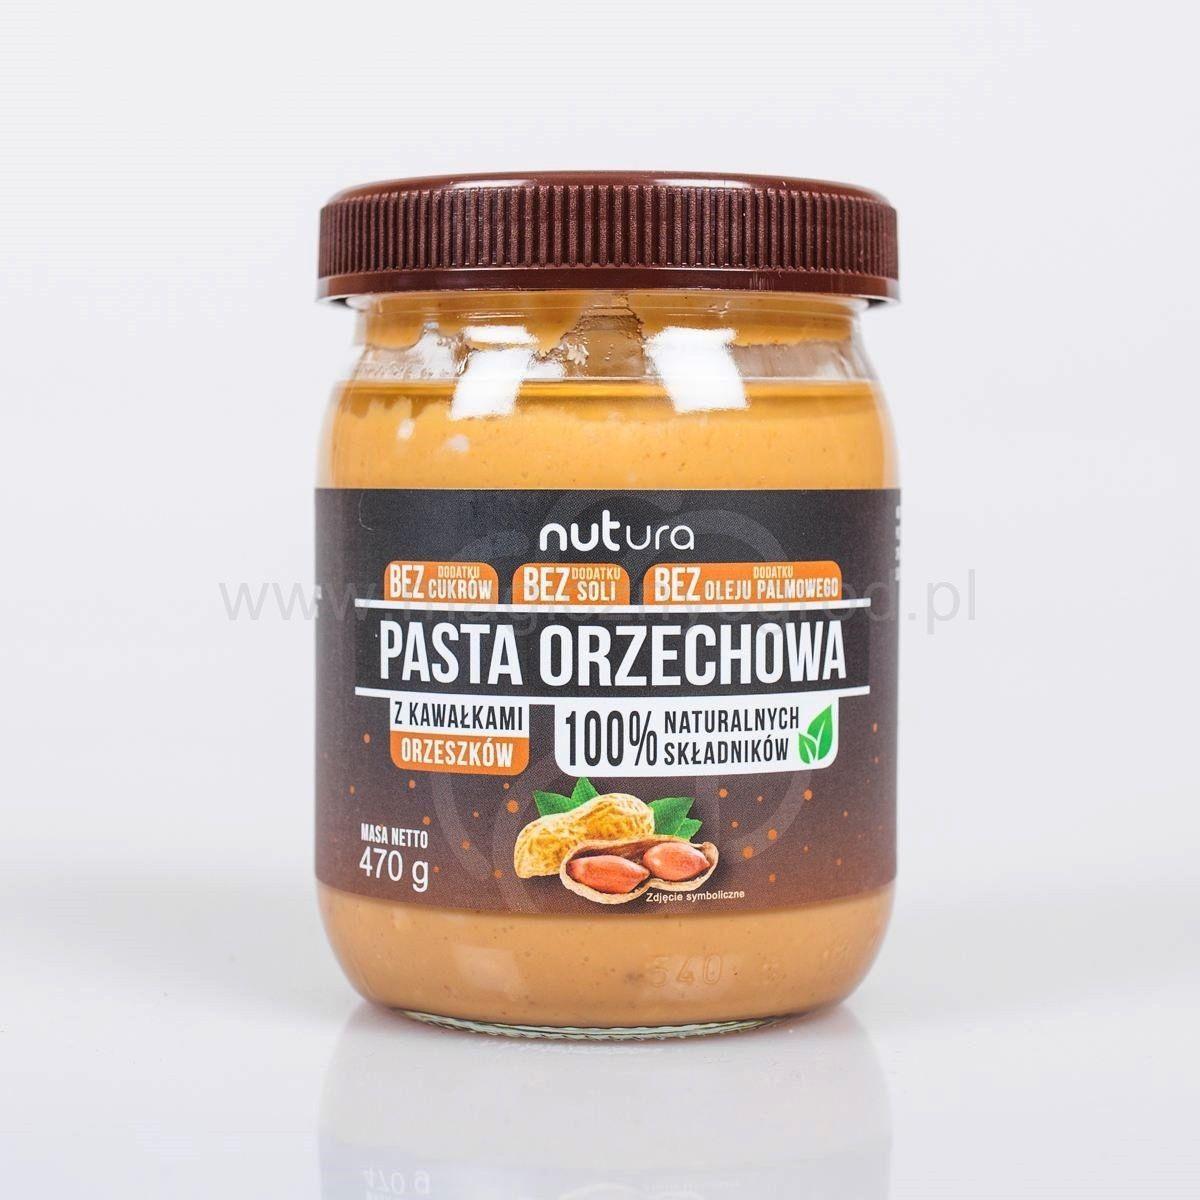 Pasta orzechowa z kawałkami orzechów 470g